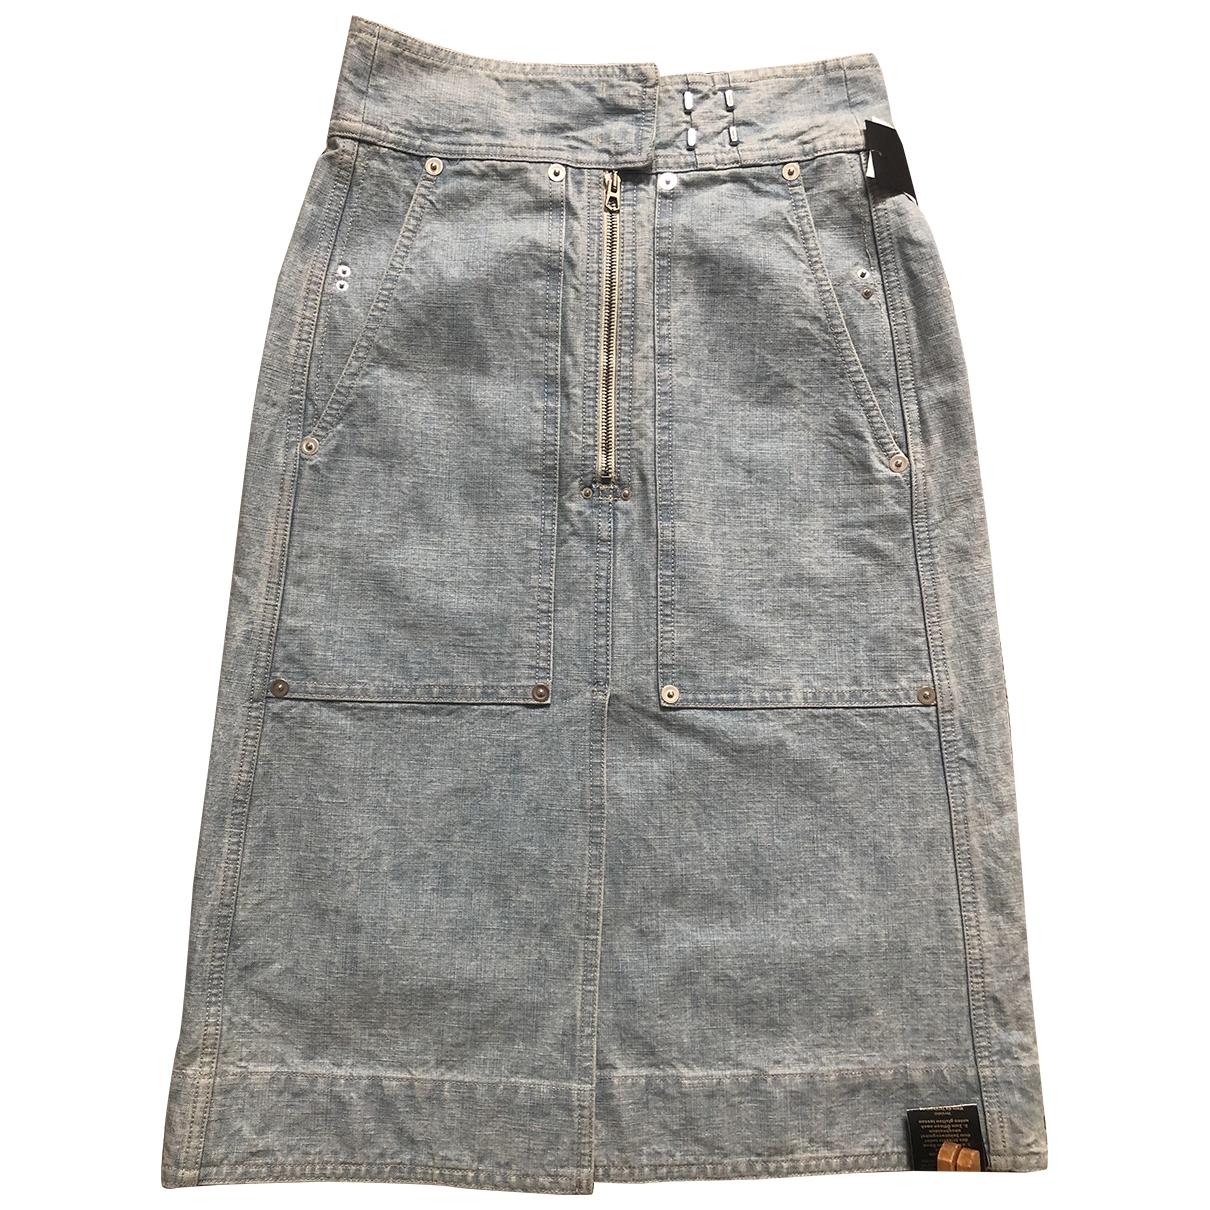 Isabel Marant \N Blue Denim - Jeans skirt for Women 34 FR